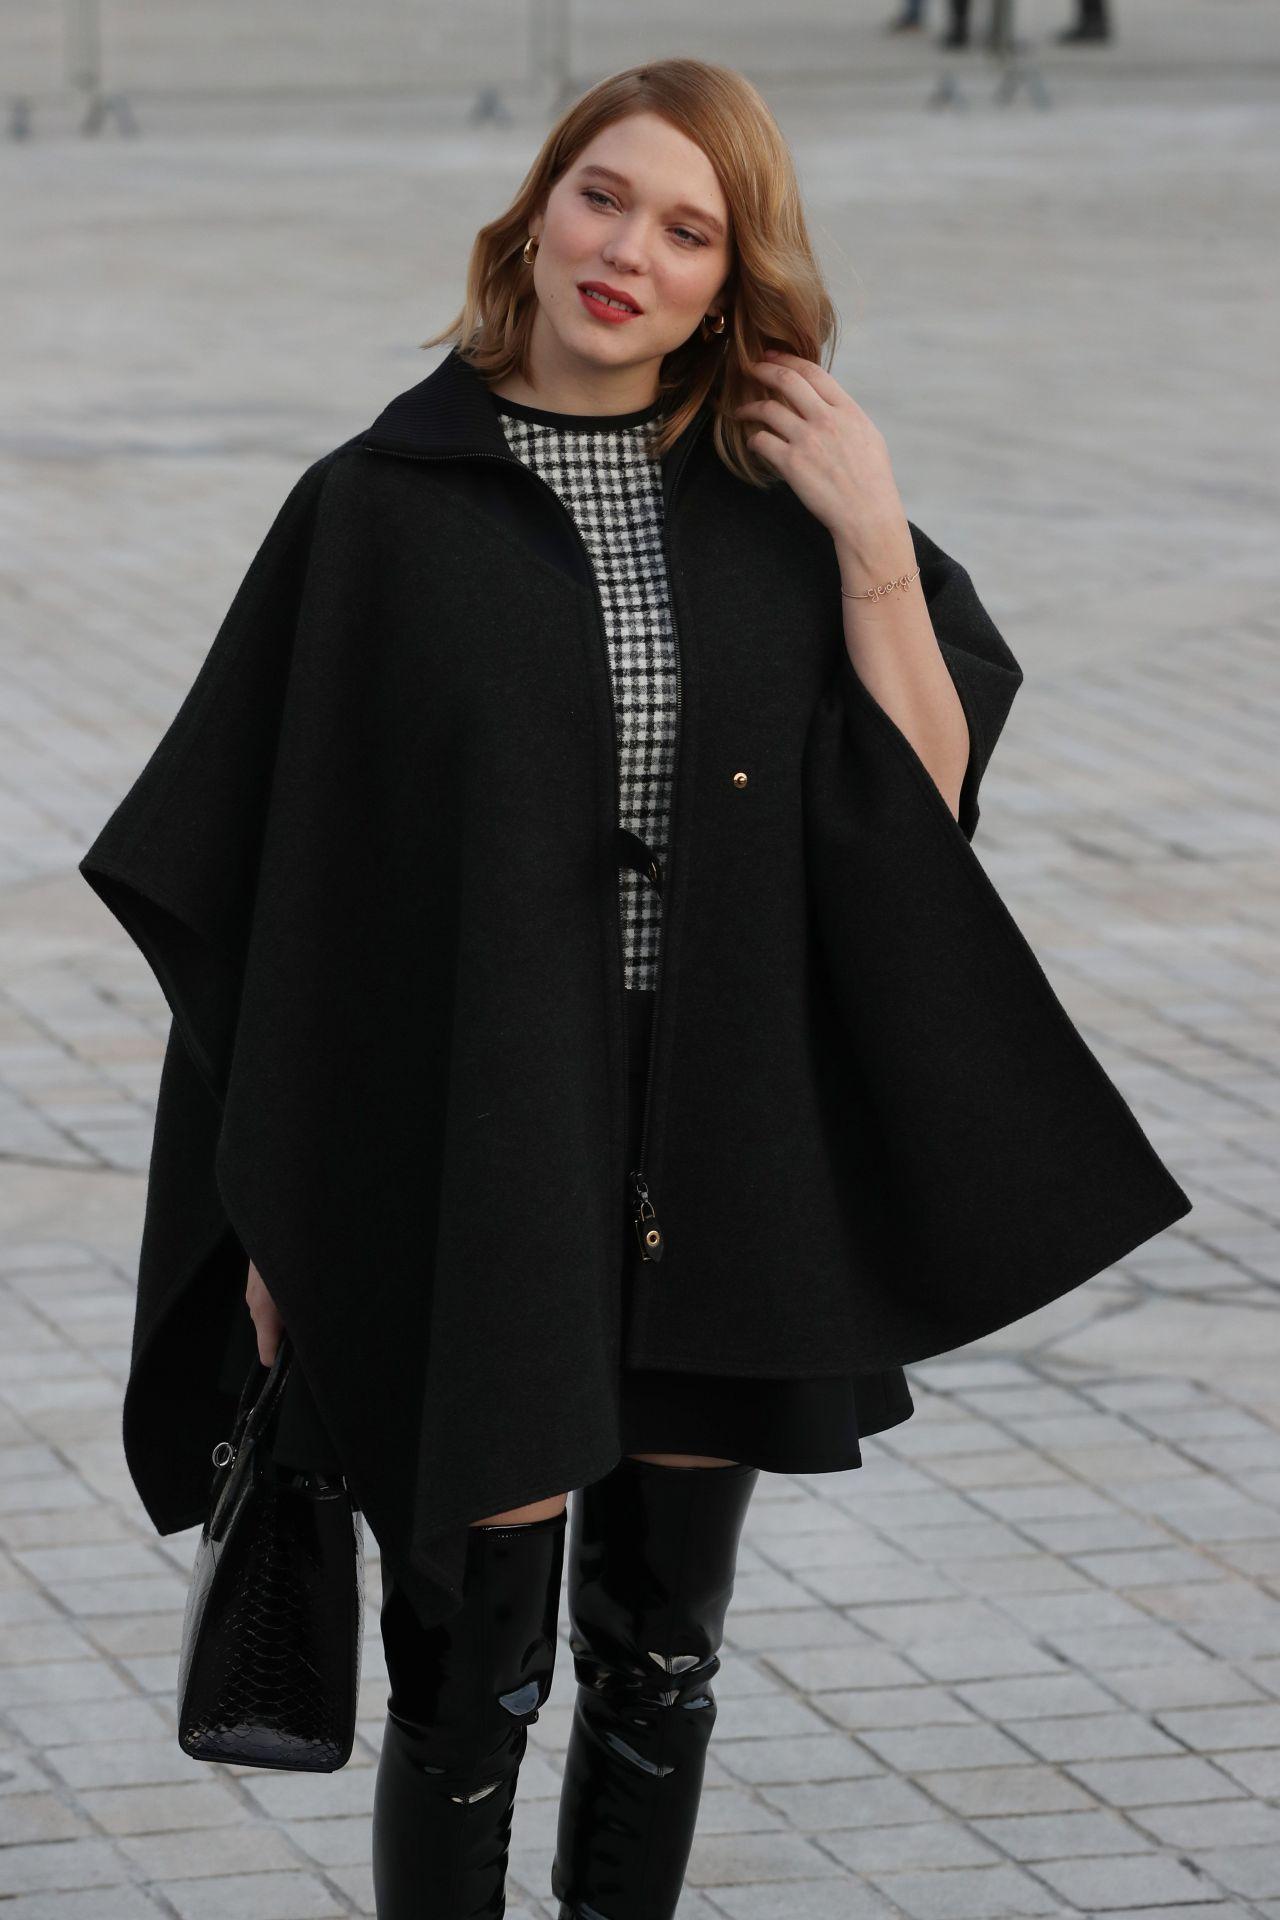 lea seydoux louis vuitton autumn winter fashion show in paris 3 7 2017. Black Bedroom Furniture Sets. Home Design Ideas